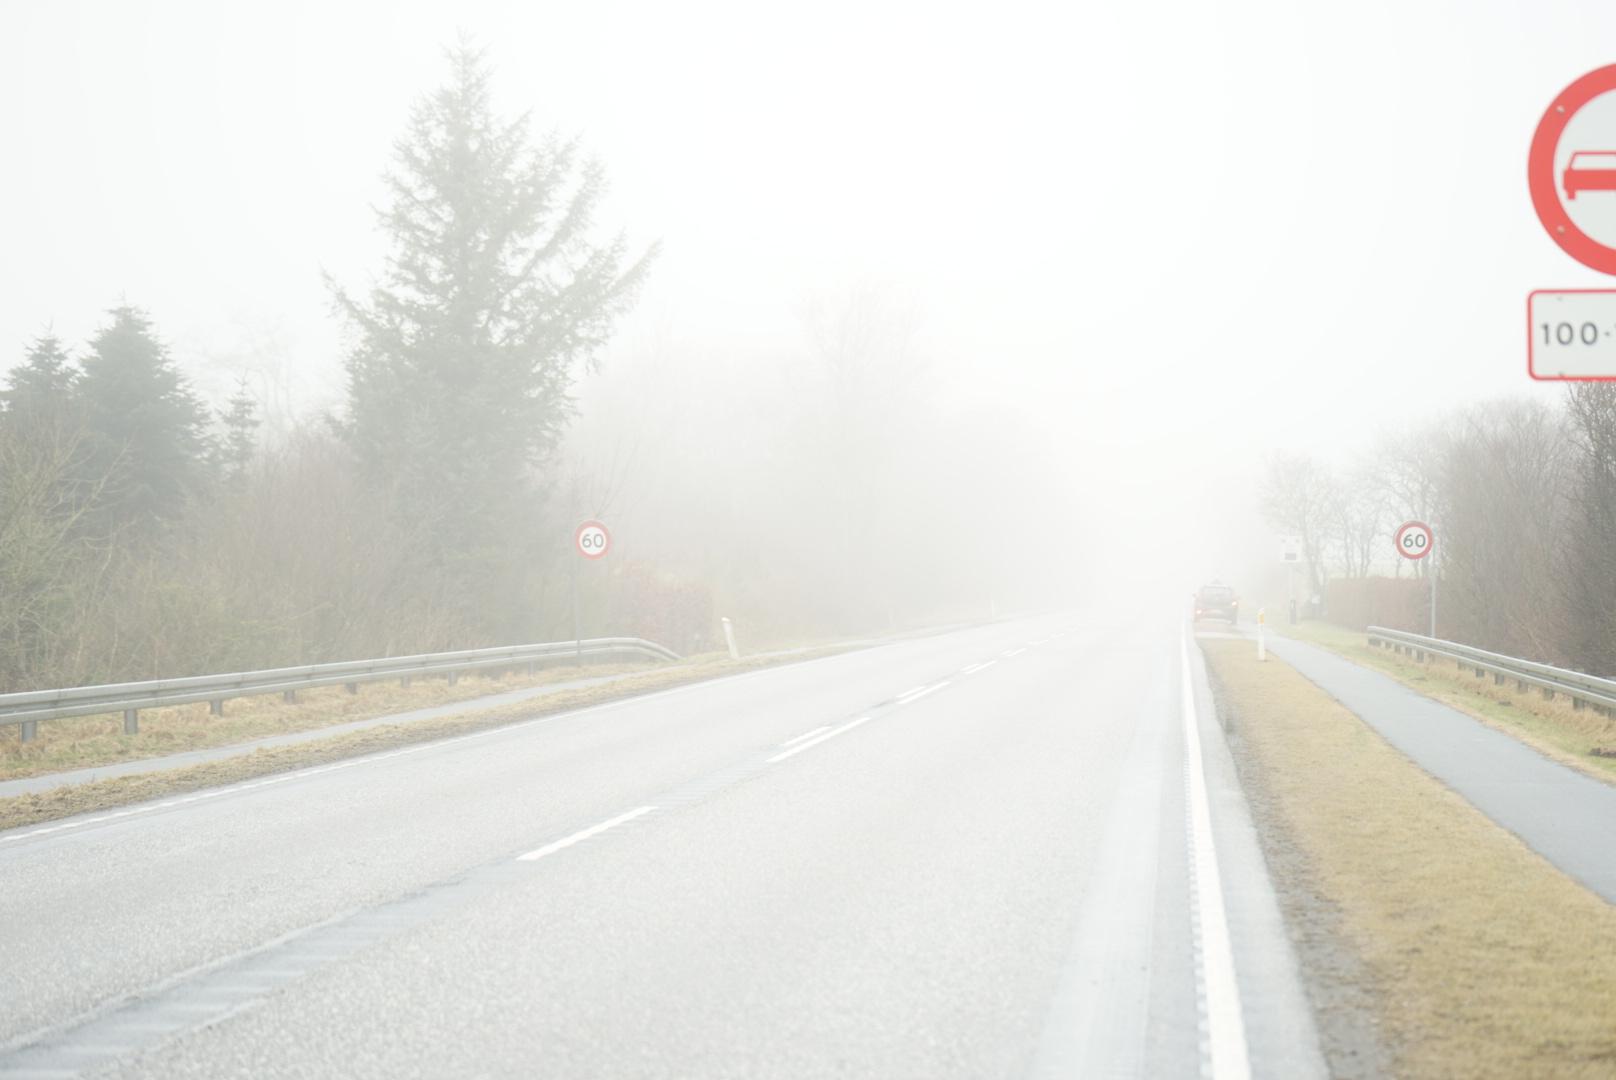 20-årig cyklist dræbt på landevej ved Øsløs